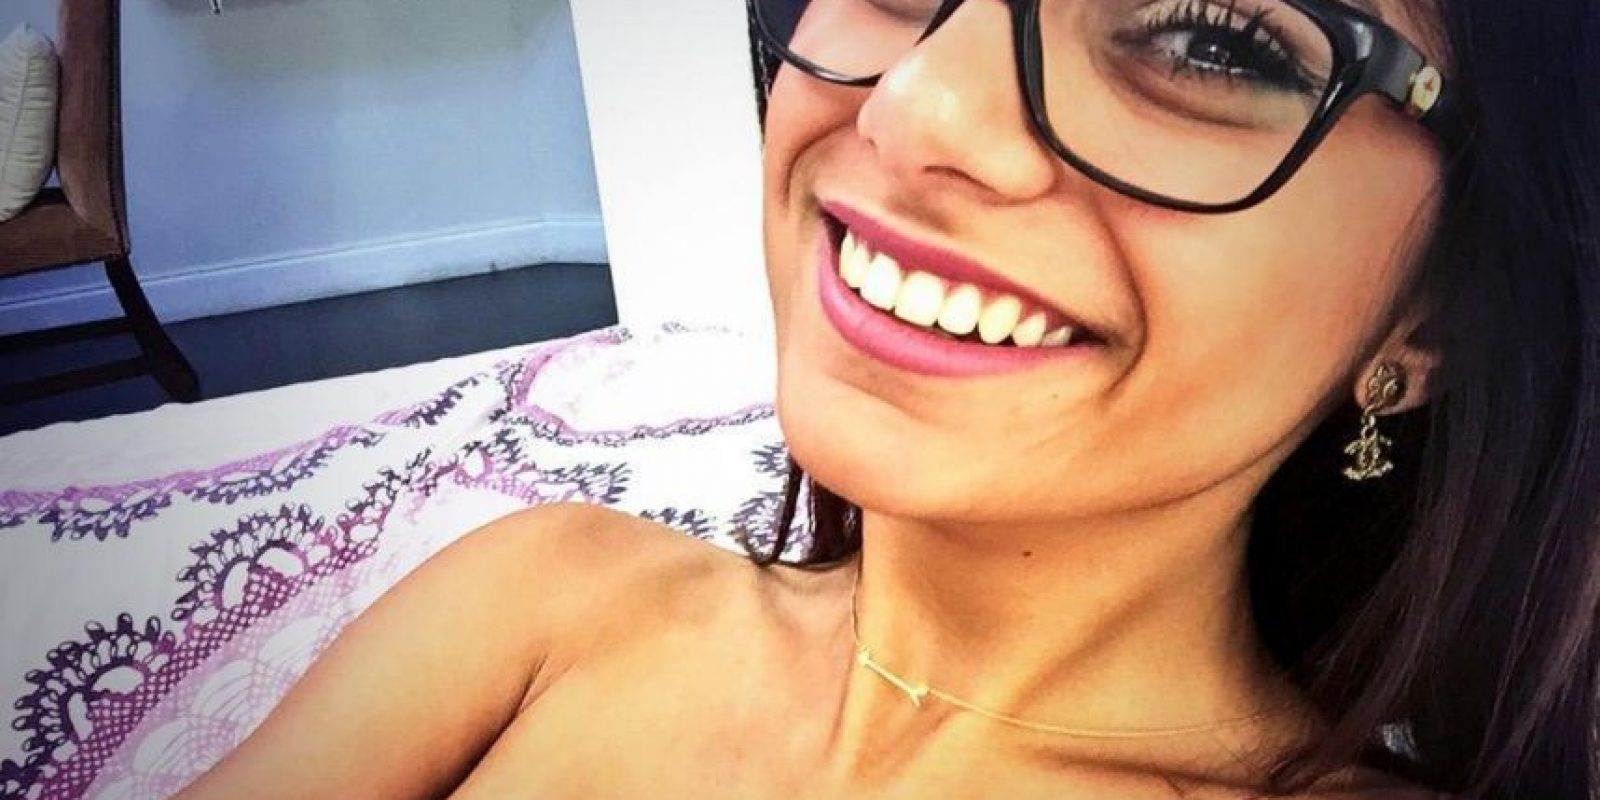 2.- Mia Khalifa debutó en 2014 como actriz porno y obtuvo una gran popularidad a partir de esa fecha Foto:Wikicommons